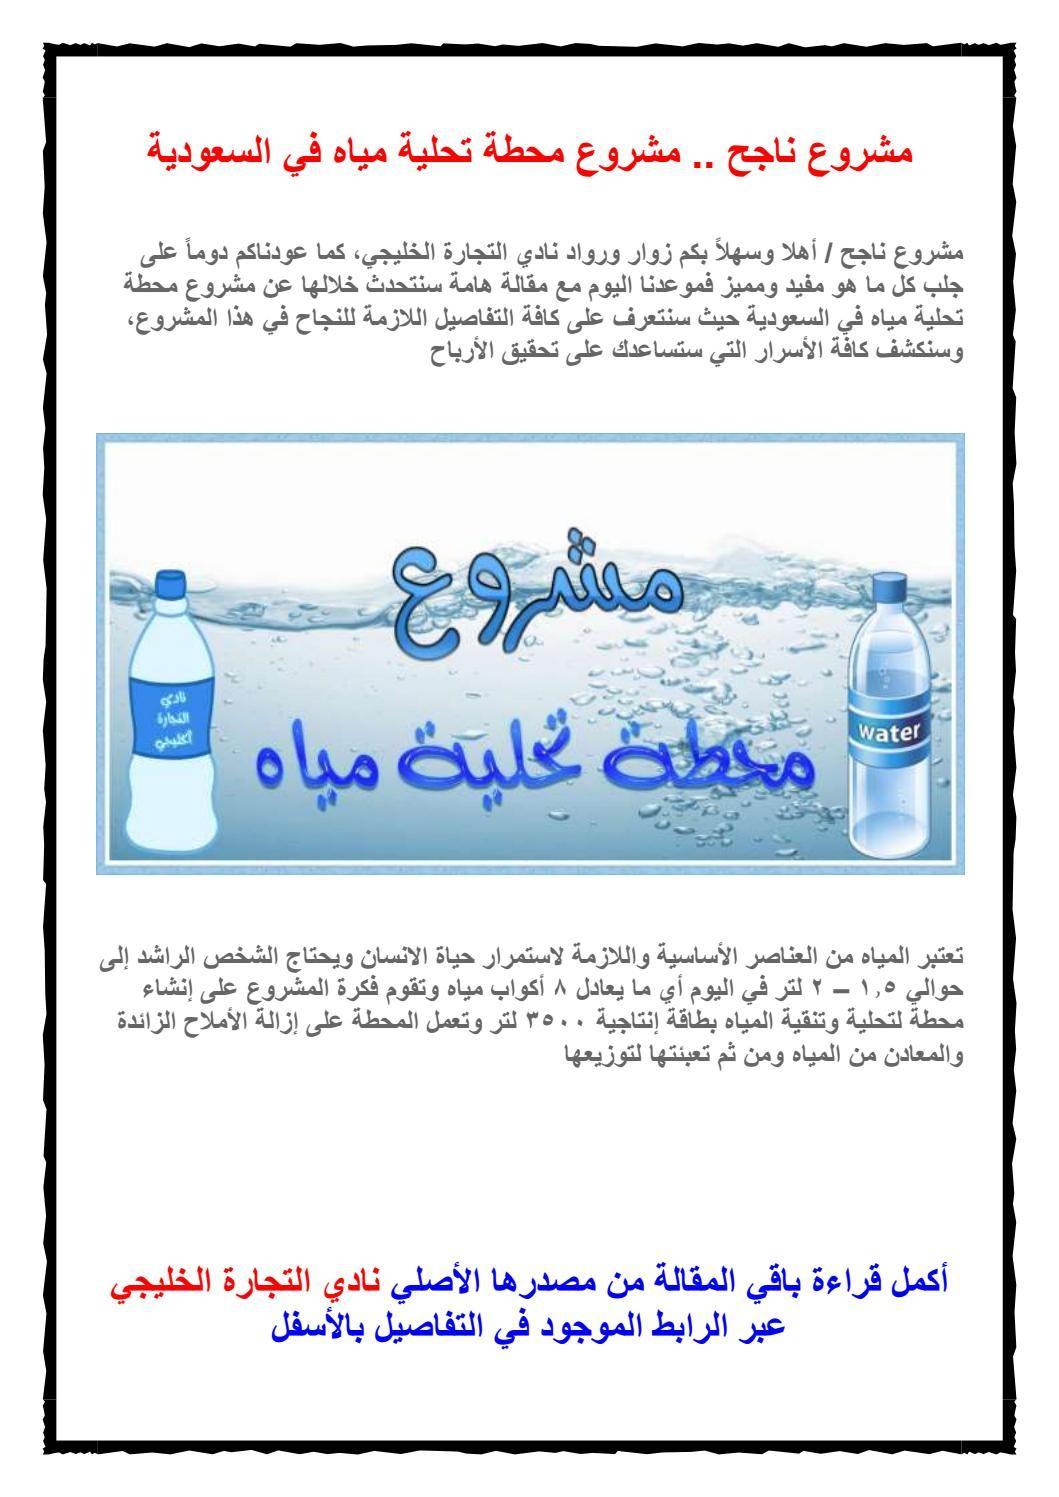 مشروع ناجح مشروع محطة تحلية مياه في السعودية Microsoft Word Document Words Microsoft